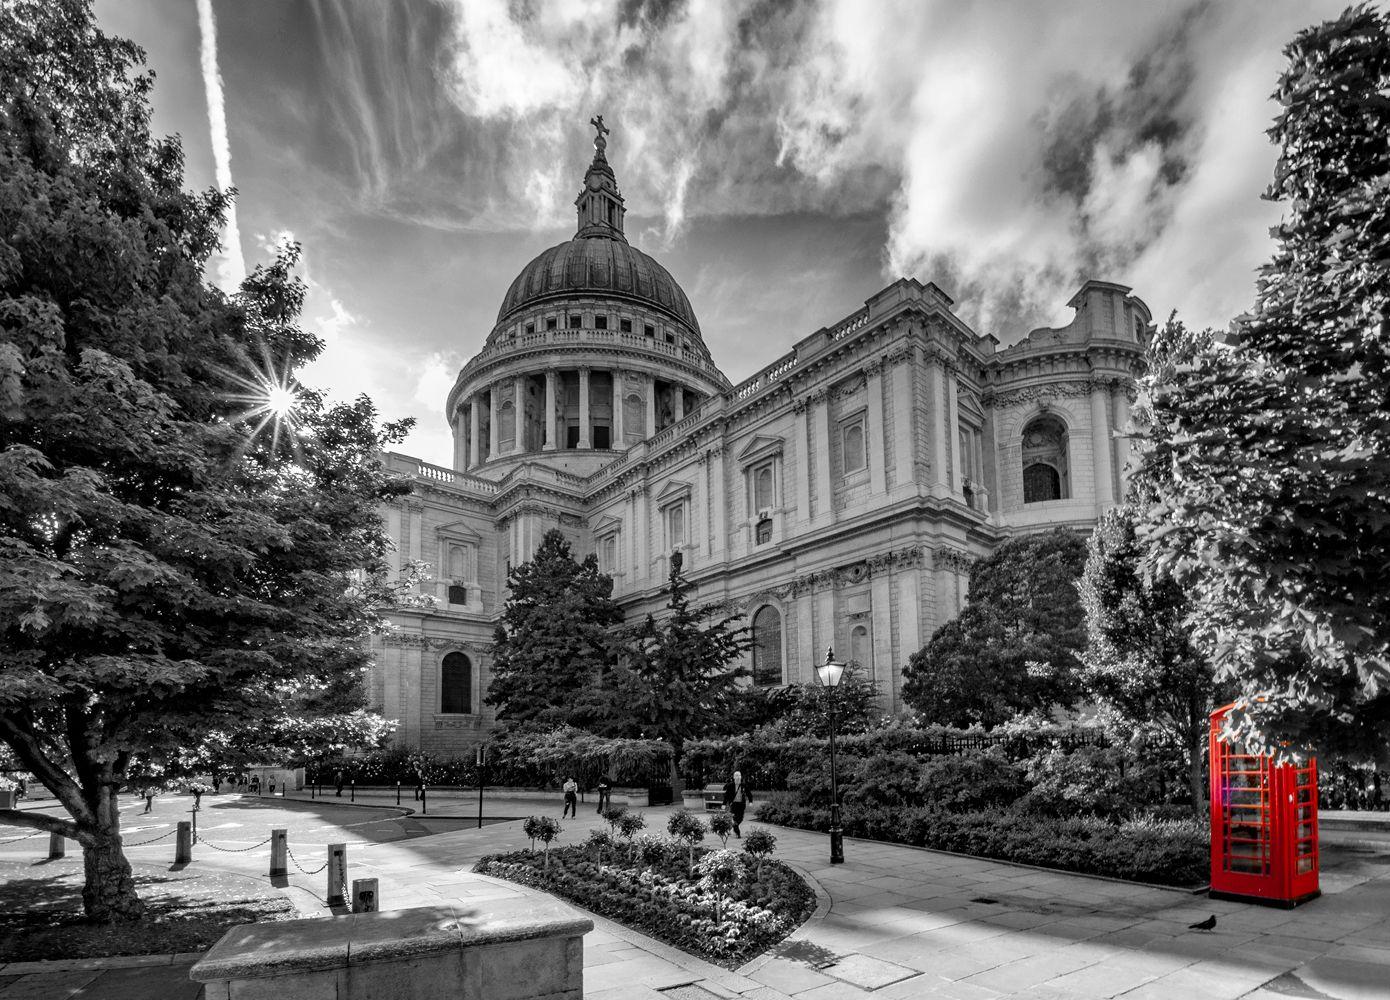 Сент-Пол и Красная будка Лондон СИТИ Собор Святого Павла Сент-Пол St.Paul's Cathedral